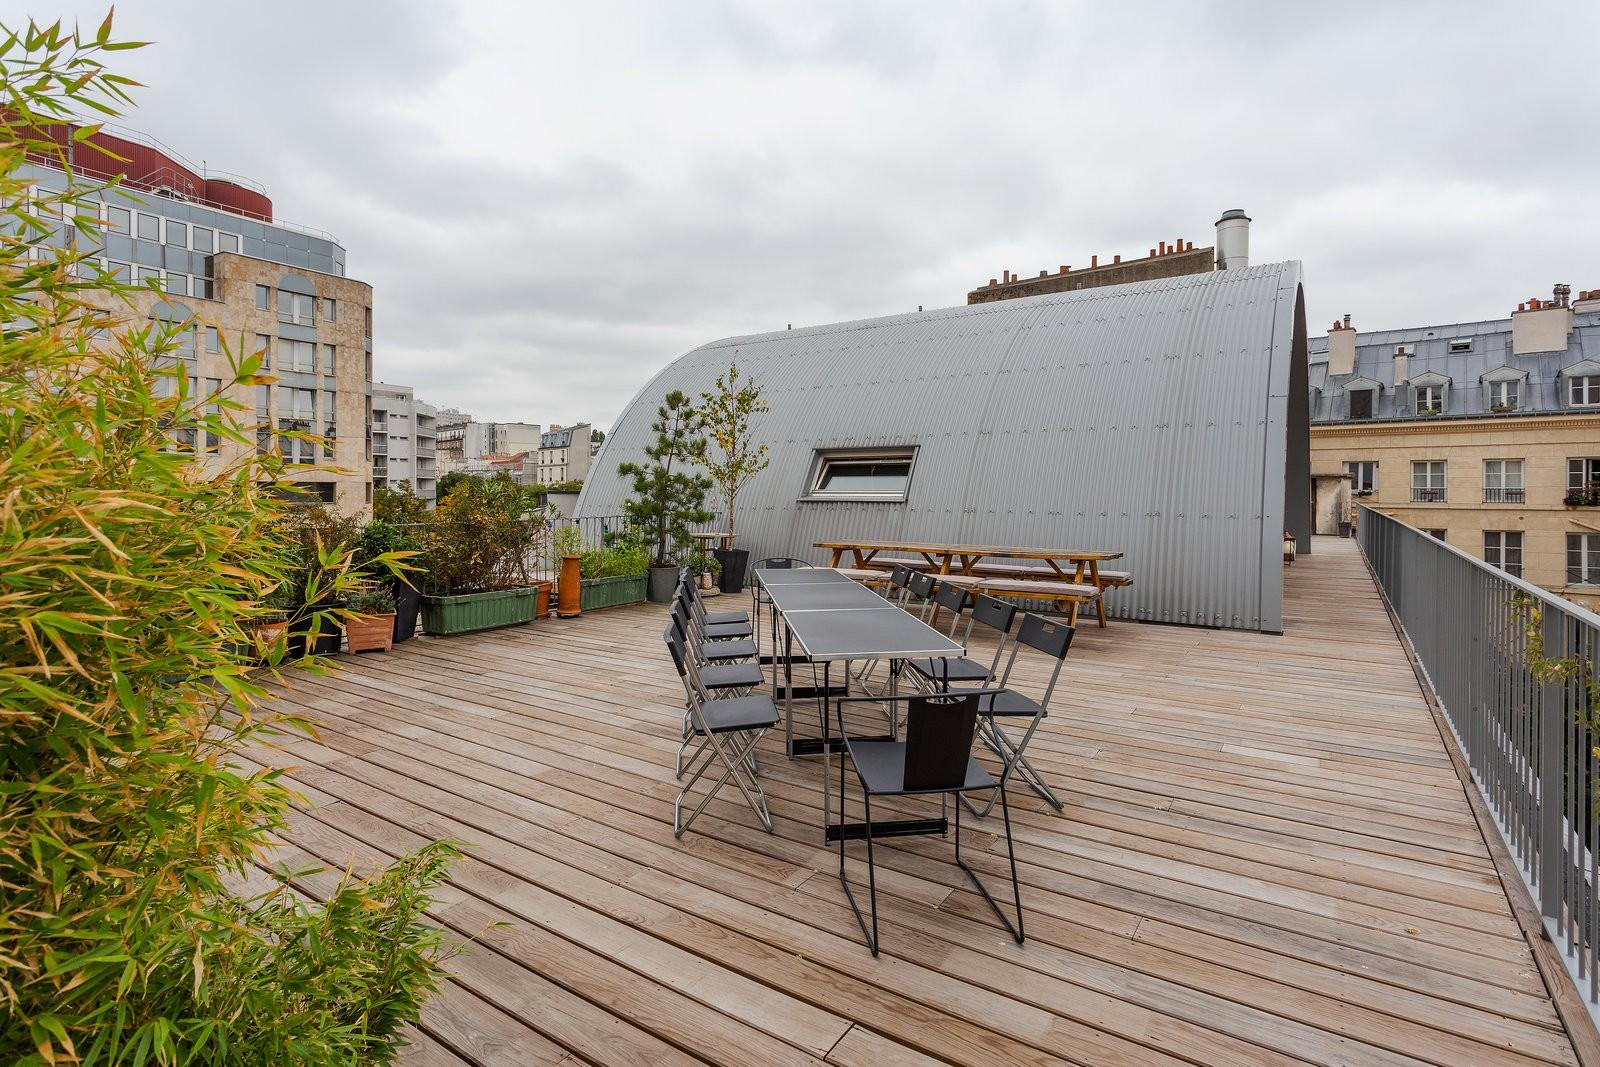 Une voute métallique est situé au milieu d'un espace extérieur avec un sol en bois. Des jardinières et buissons de bambou sont disposés à l'extrémité de la terrasse. Une longue table entourée de ses chaises est placé au milieu du rooftop.